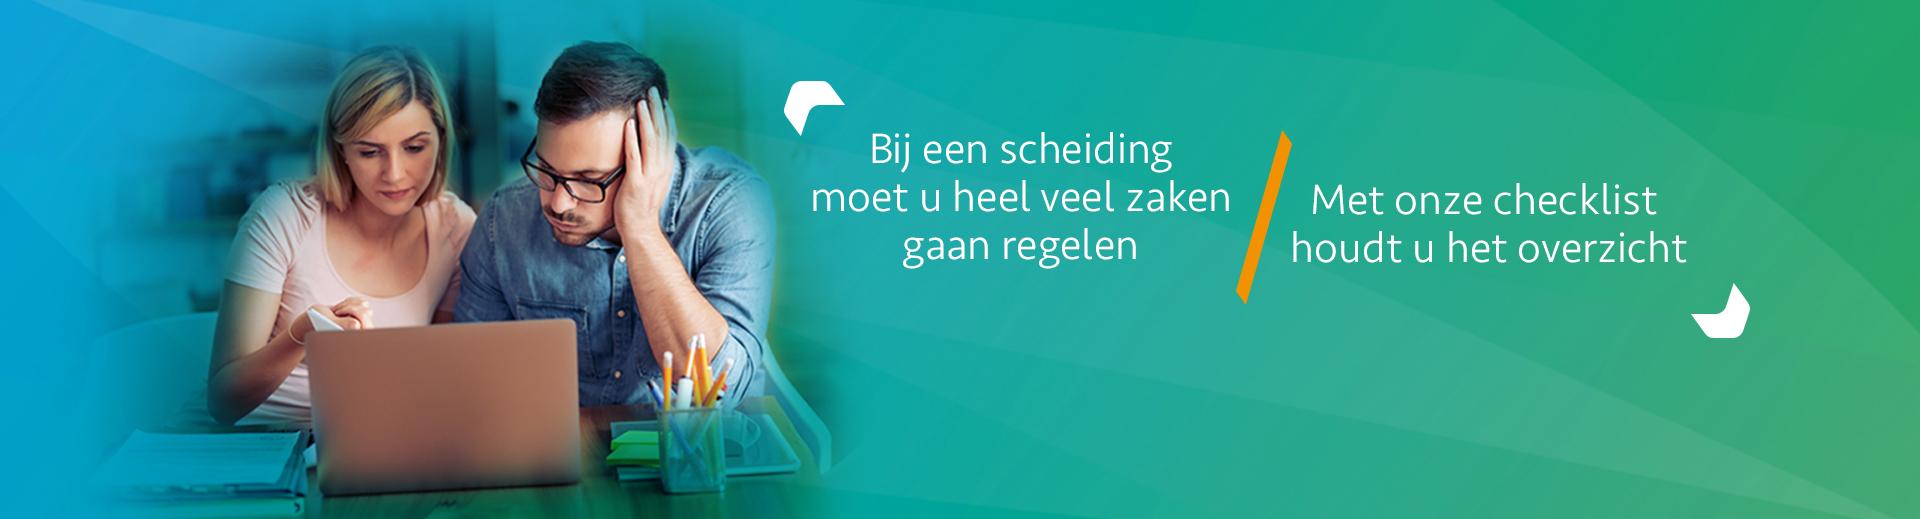 checklist scheiden - Scheidingsplanner Hilversum - Bilthoven - Soest - Het Gooi